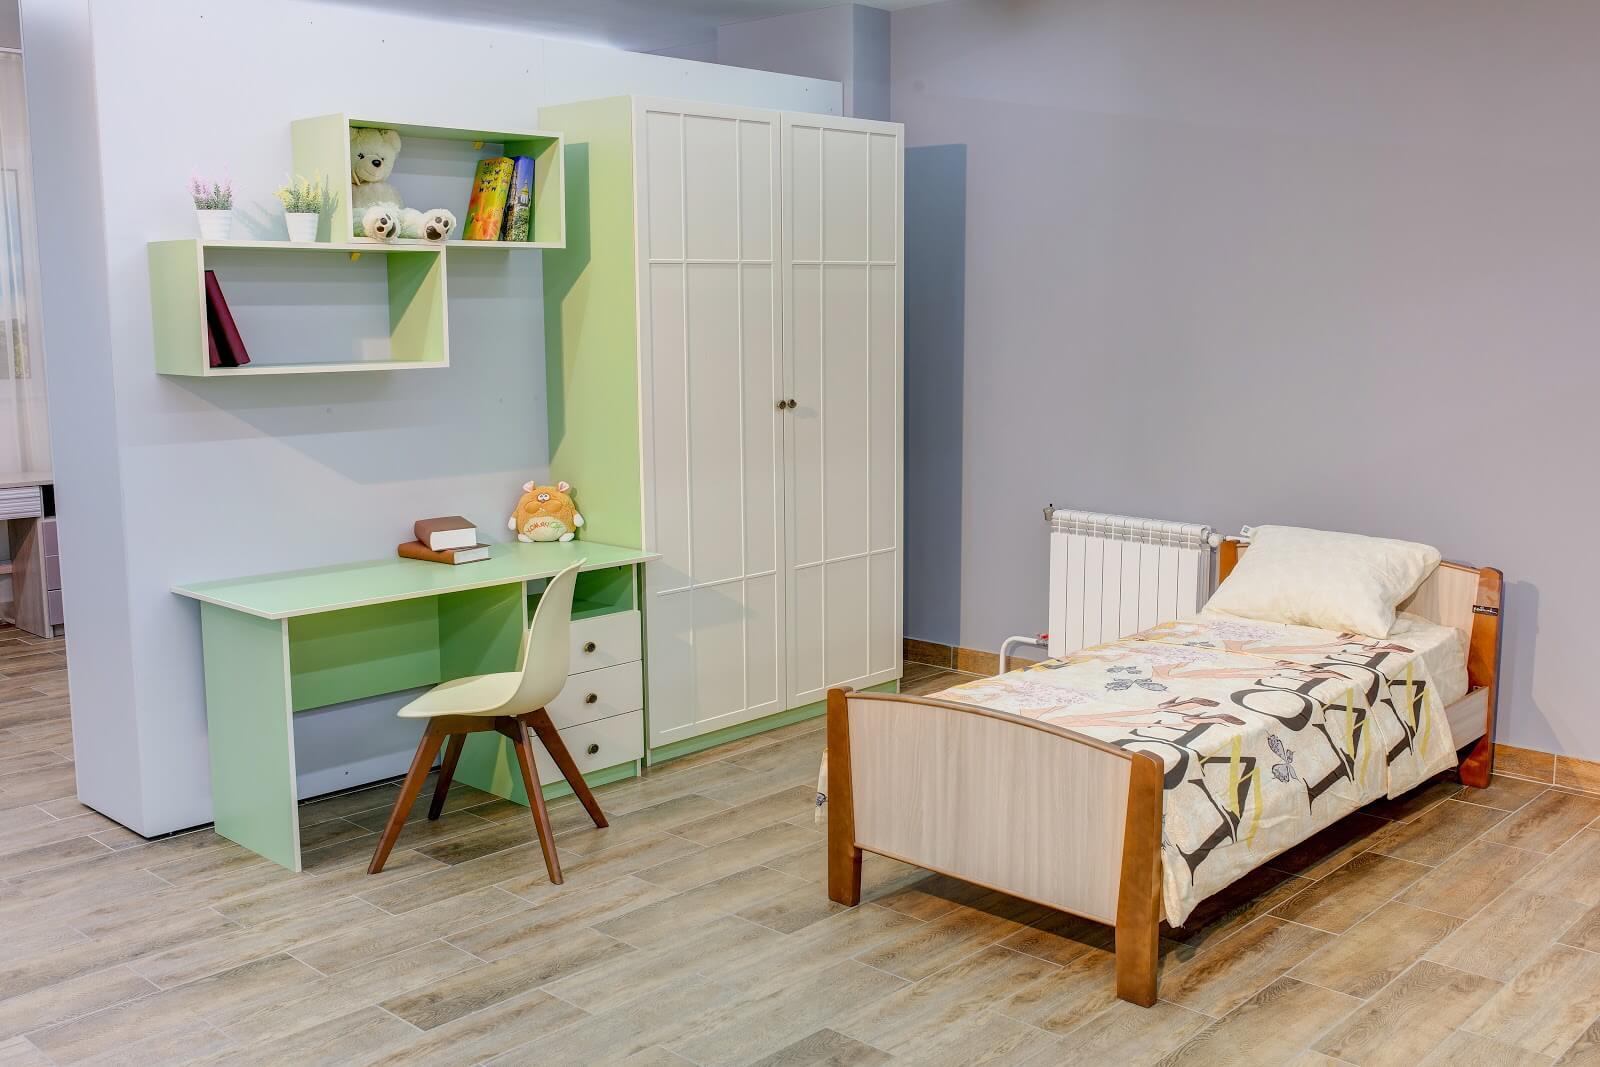 Магазин детской мебели и одежды в Красноярске